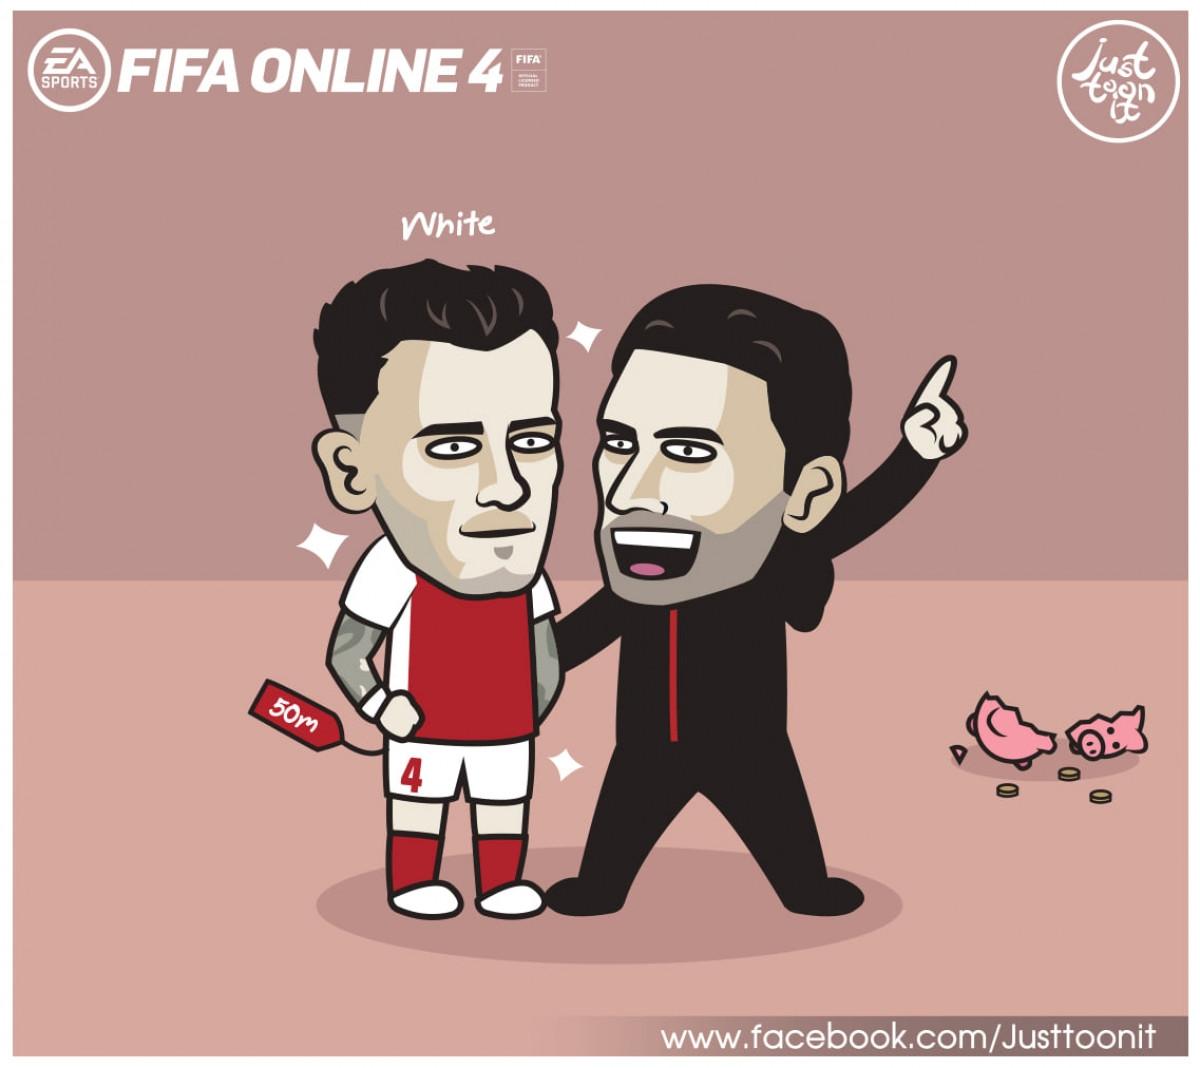 Tân binh trị giá 50 triệu bảng, Ben White đá trận ra mắt Arsenal. (Ảnh: Just Toonit).